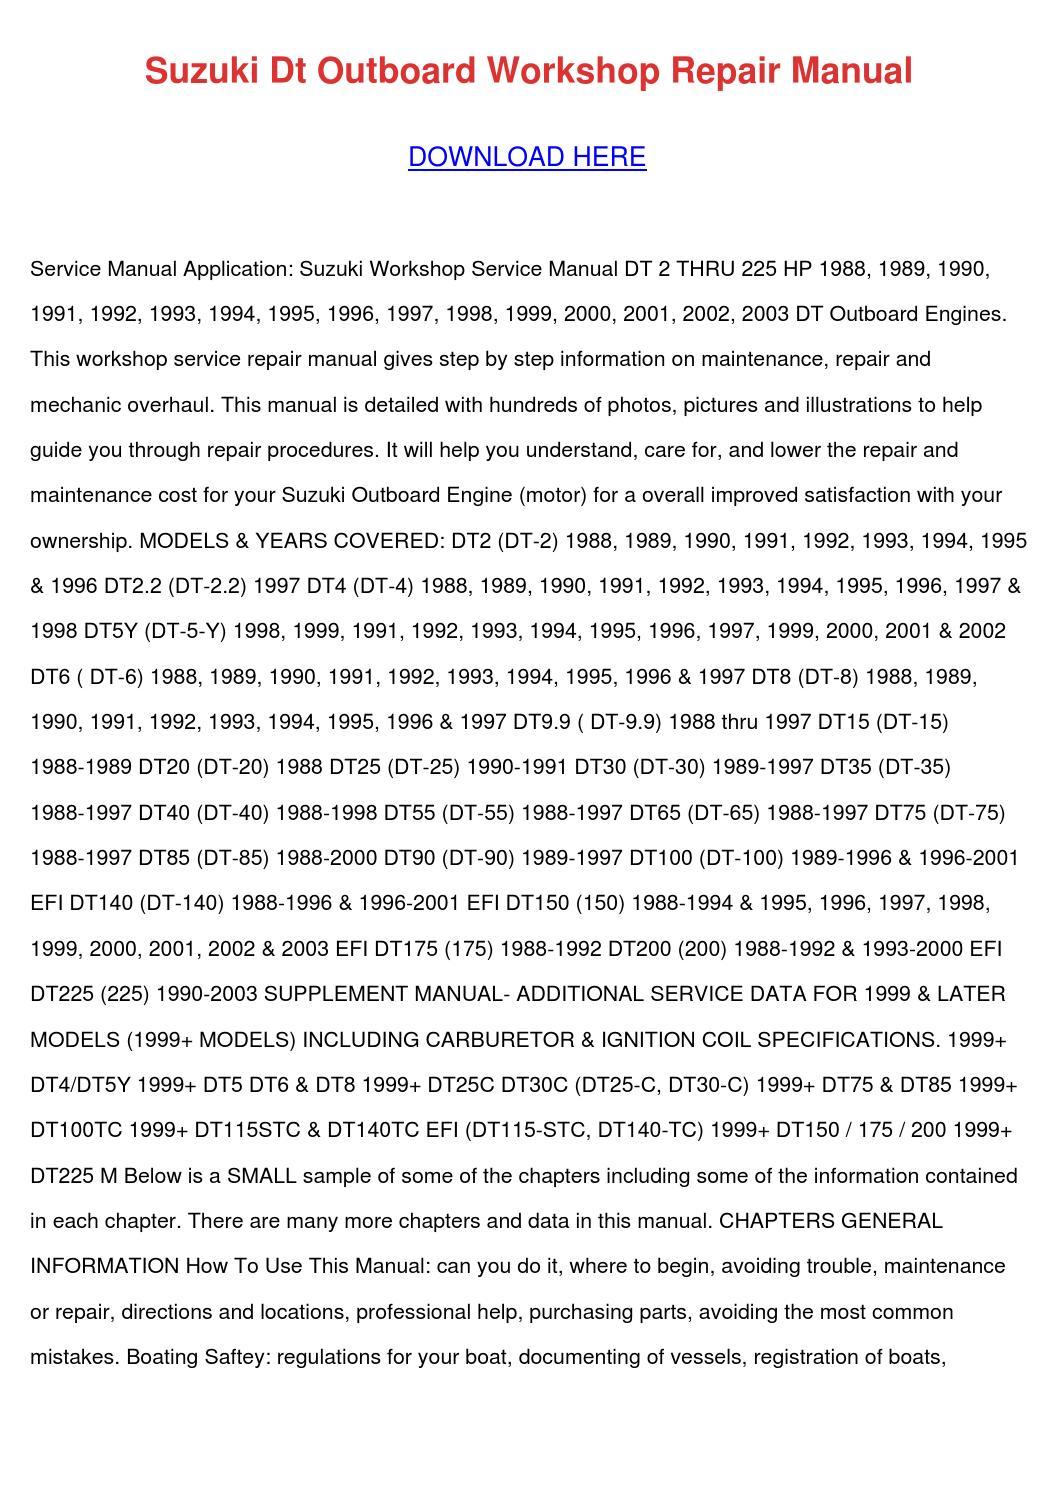 Suzuki Dt Outboard Workshop Repair Manual by MelvinMcvey - issuu